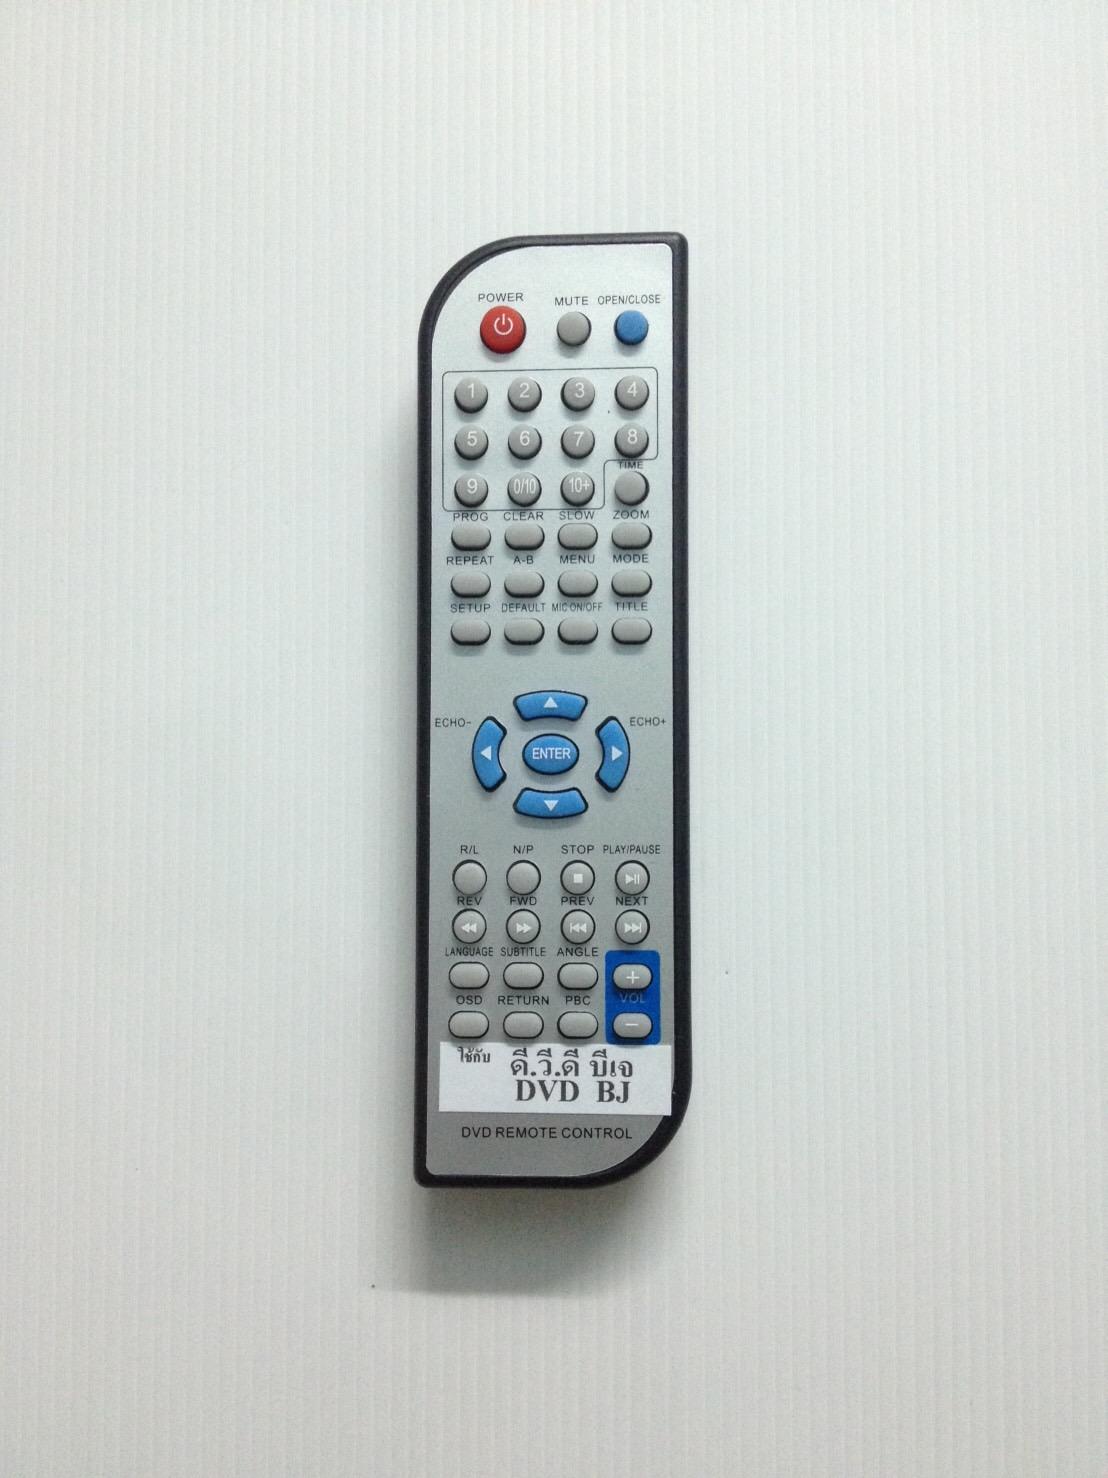 รีโมทดีวีดี บีเจ DVD BJ ใบไม้แถบน้ำเงิน